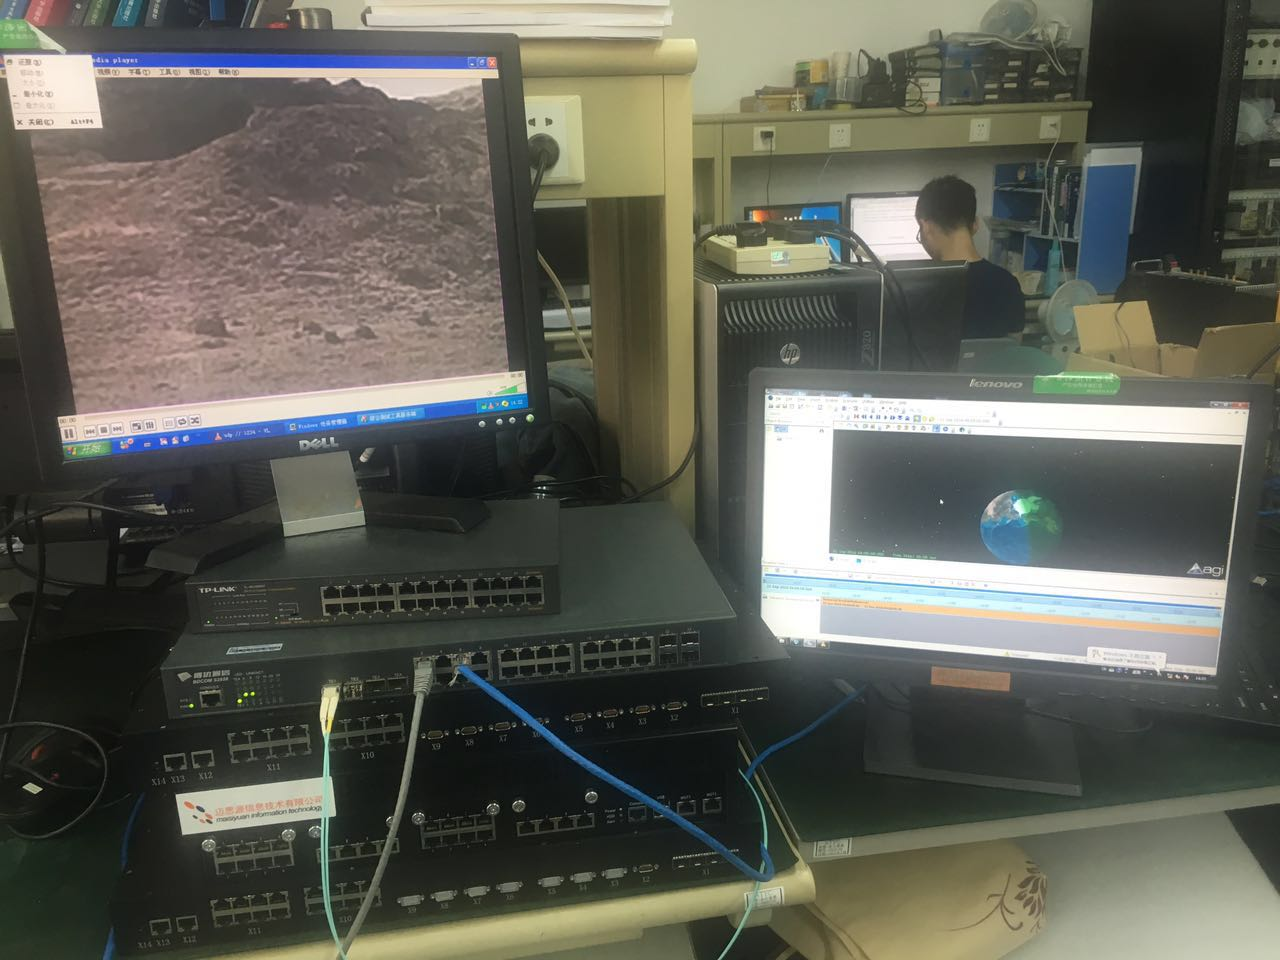 针对航天某卫星公司的需求,对其低轨道卫星中的星载路由器中的路由协议进行移植组网性能的半物理验证。